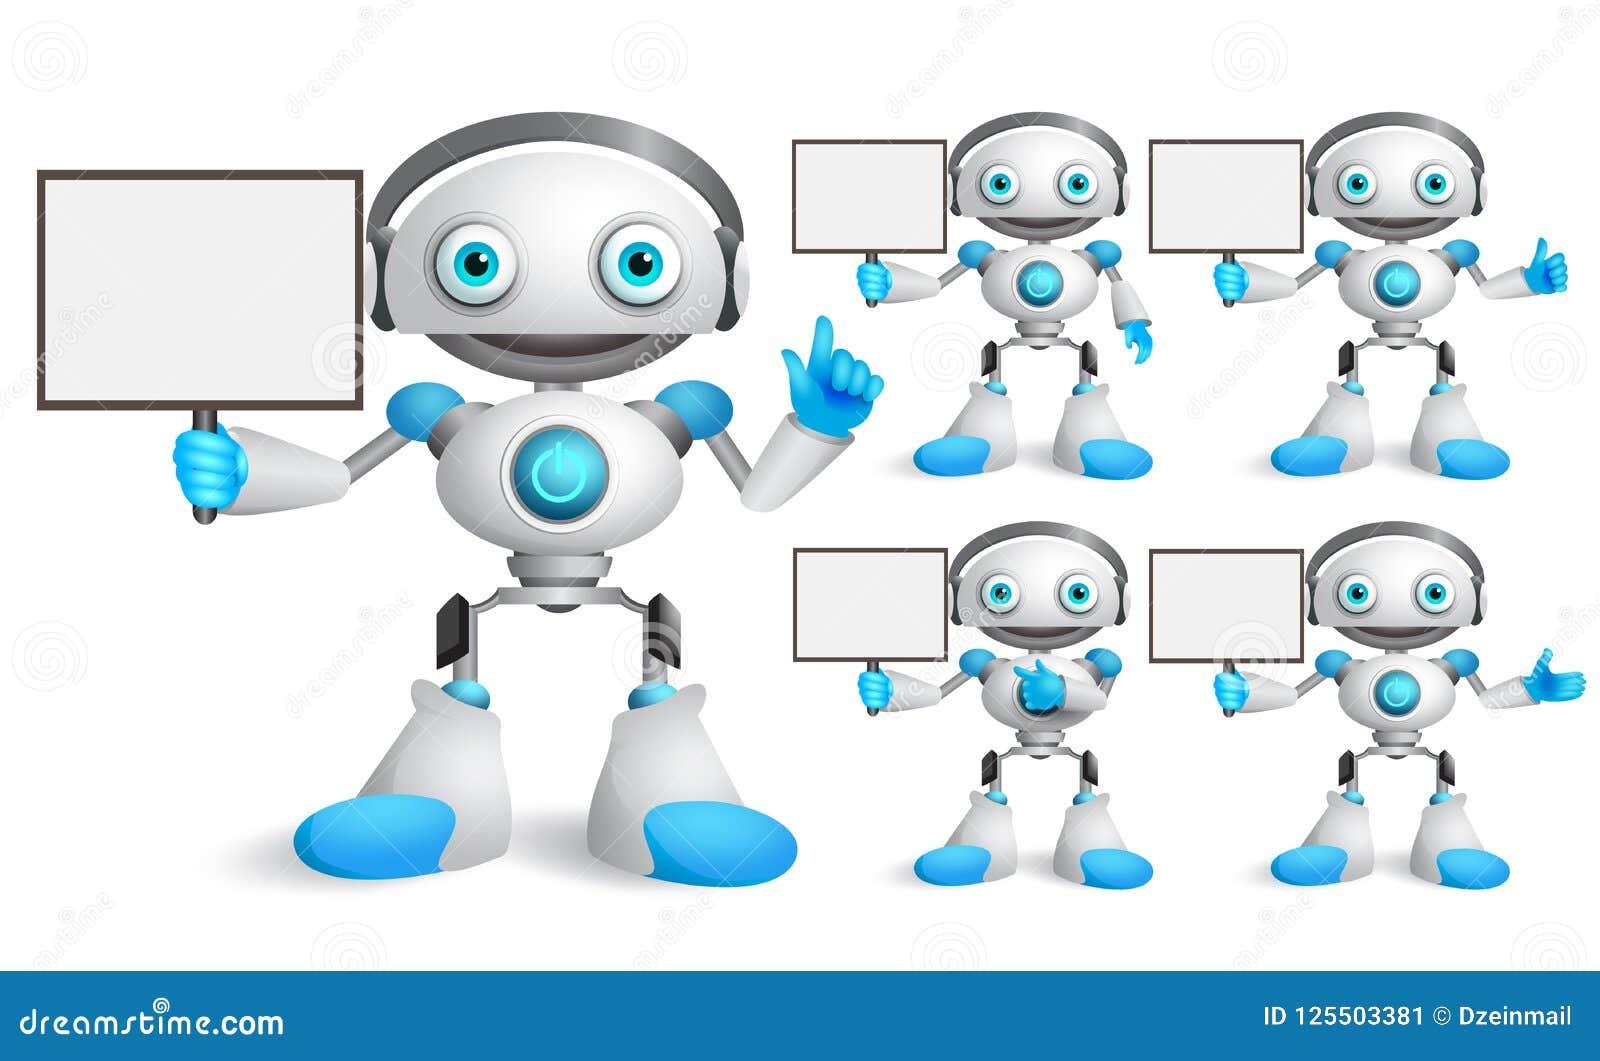 Άσπρο σύνολο χαρακτήρων ρομπότ διανυσματικό που μιλά κρατώντας την κενή αφίσσα